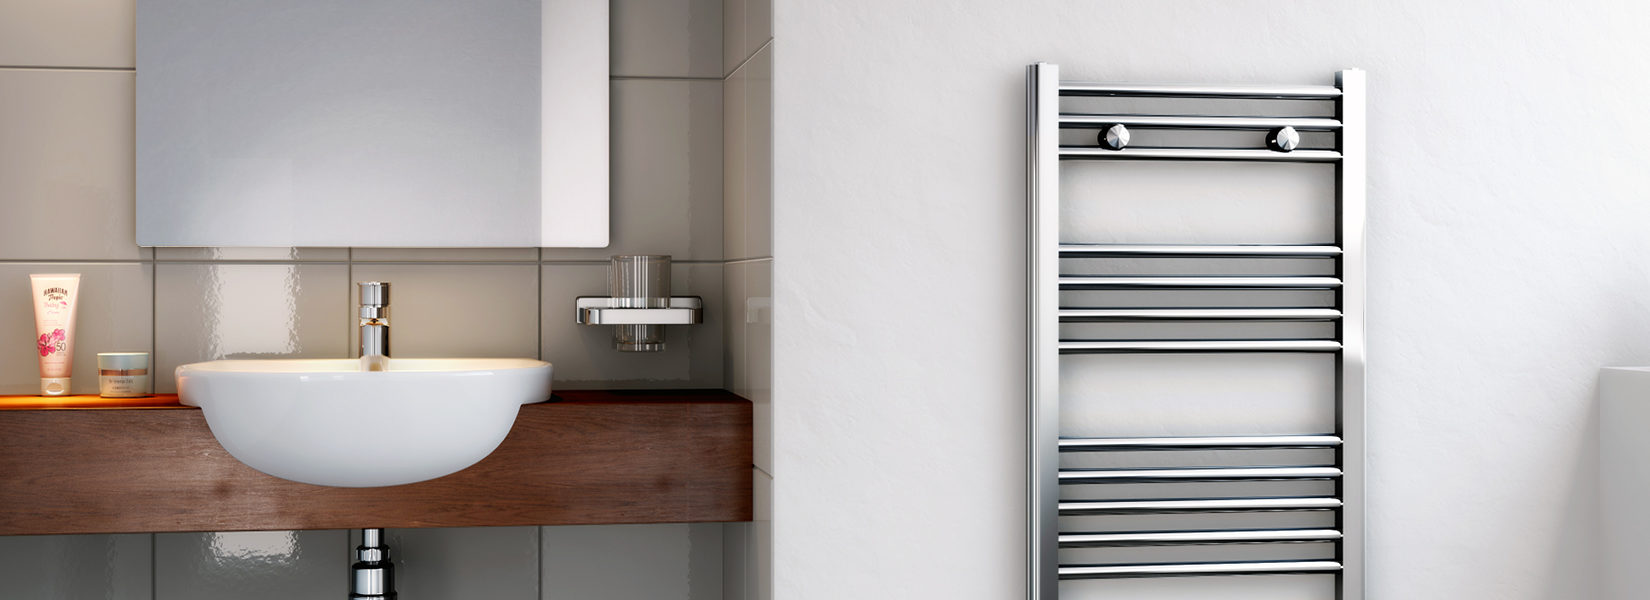 Chrome Slimline Towel Rail - Henrad